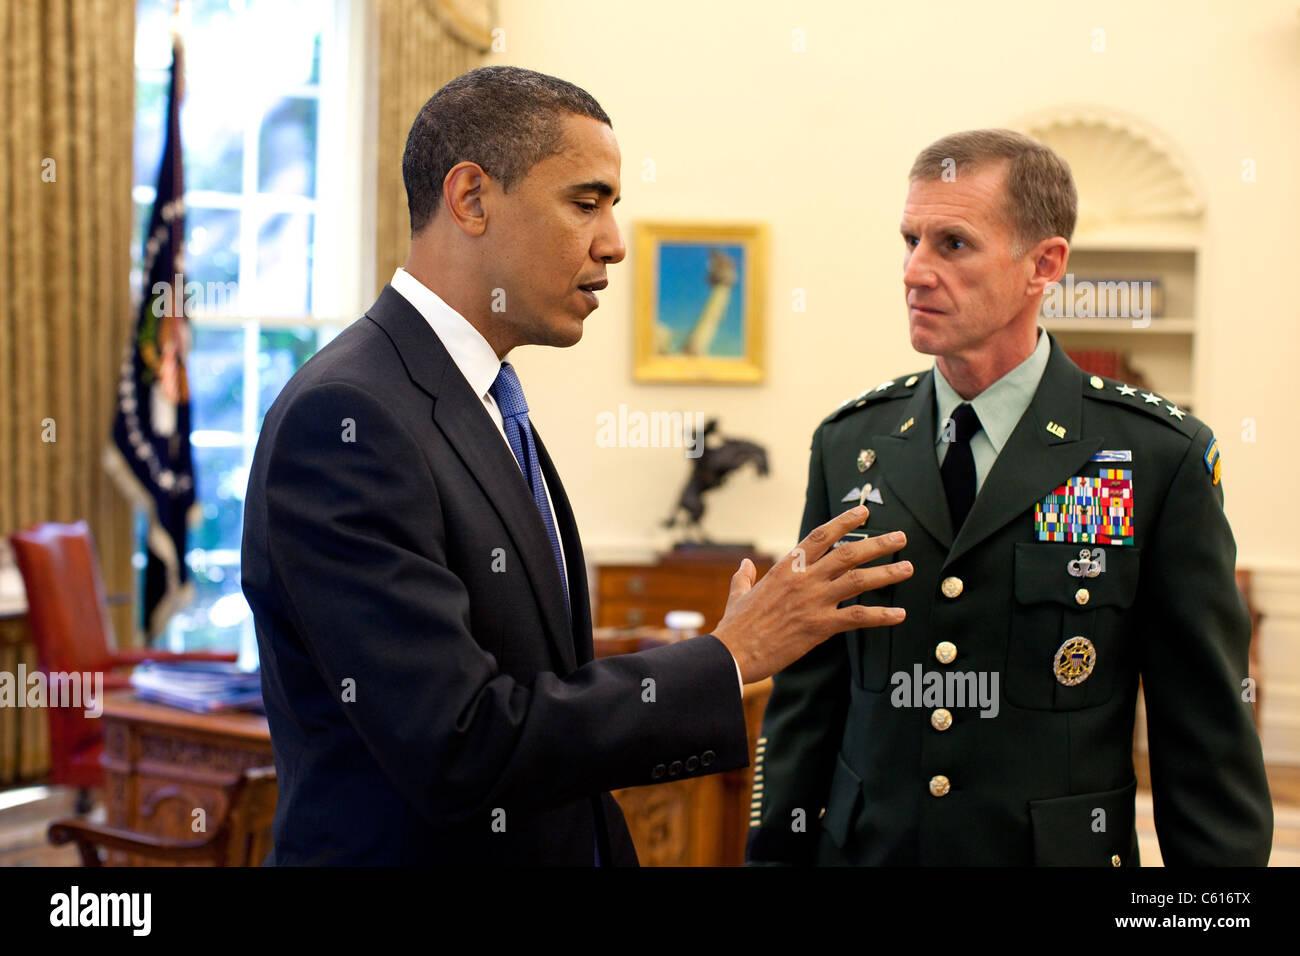 Präsident Obama trifft sich mit General Stanley McChrystal den USA Commander für Afghanistan im Oval Office Stockbild